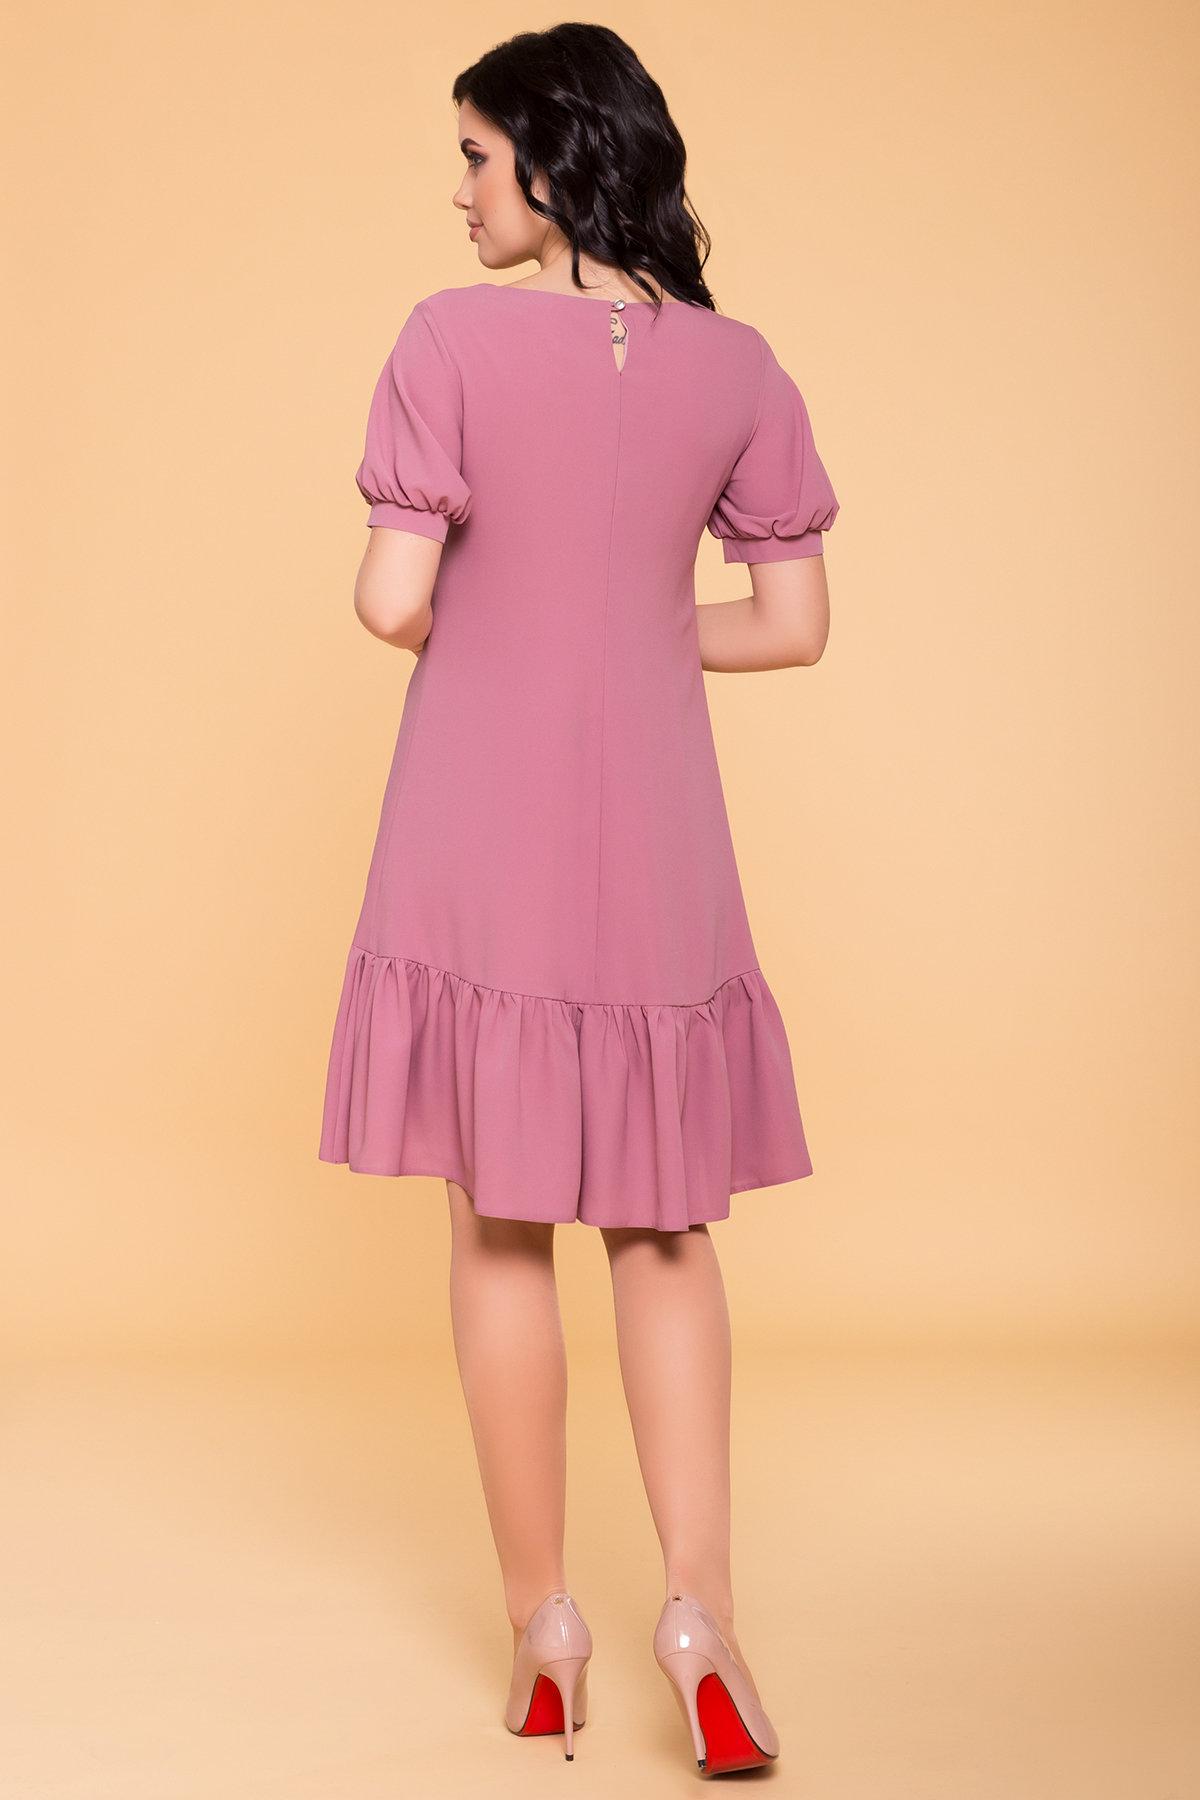 Платье Алиби 6730 АРТ. 41877 Цвет: Серо-розовый тёмный 008 - фото 2, интернет магазин tm-modus.ru